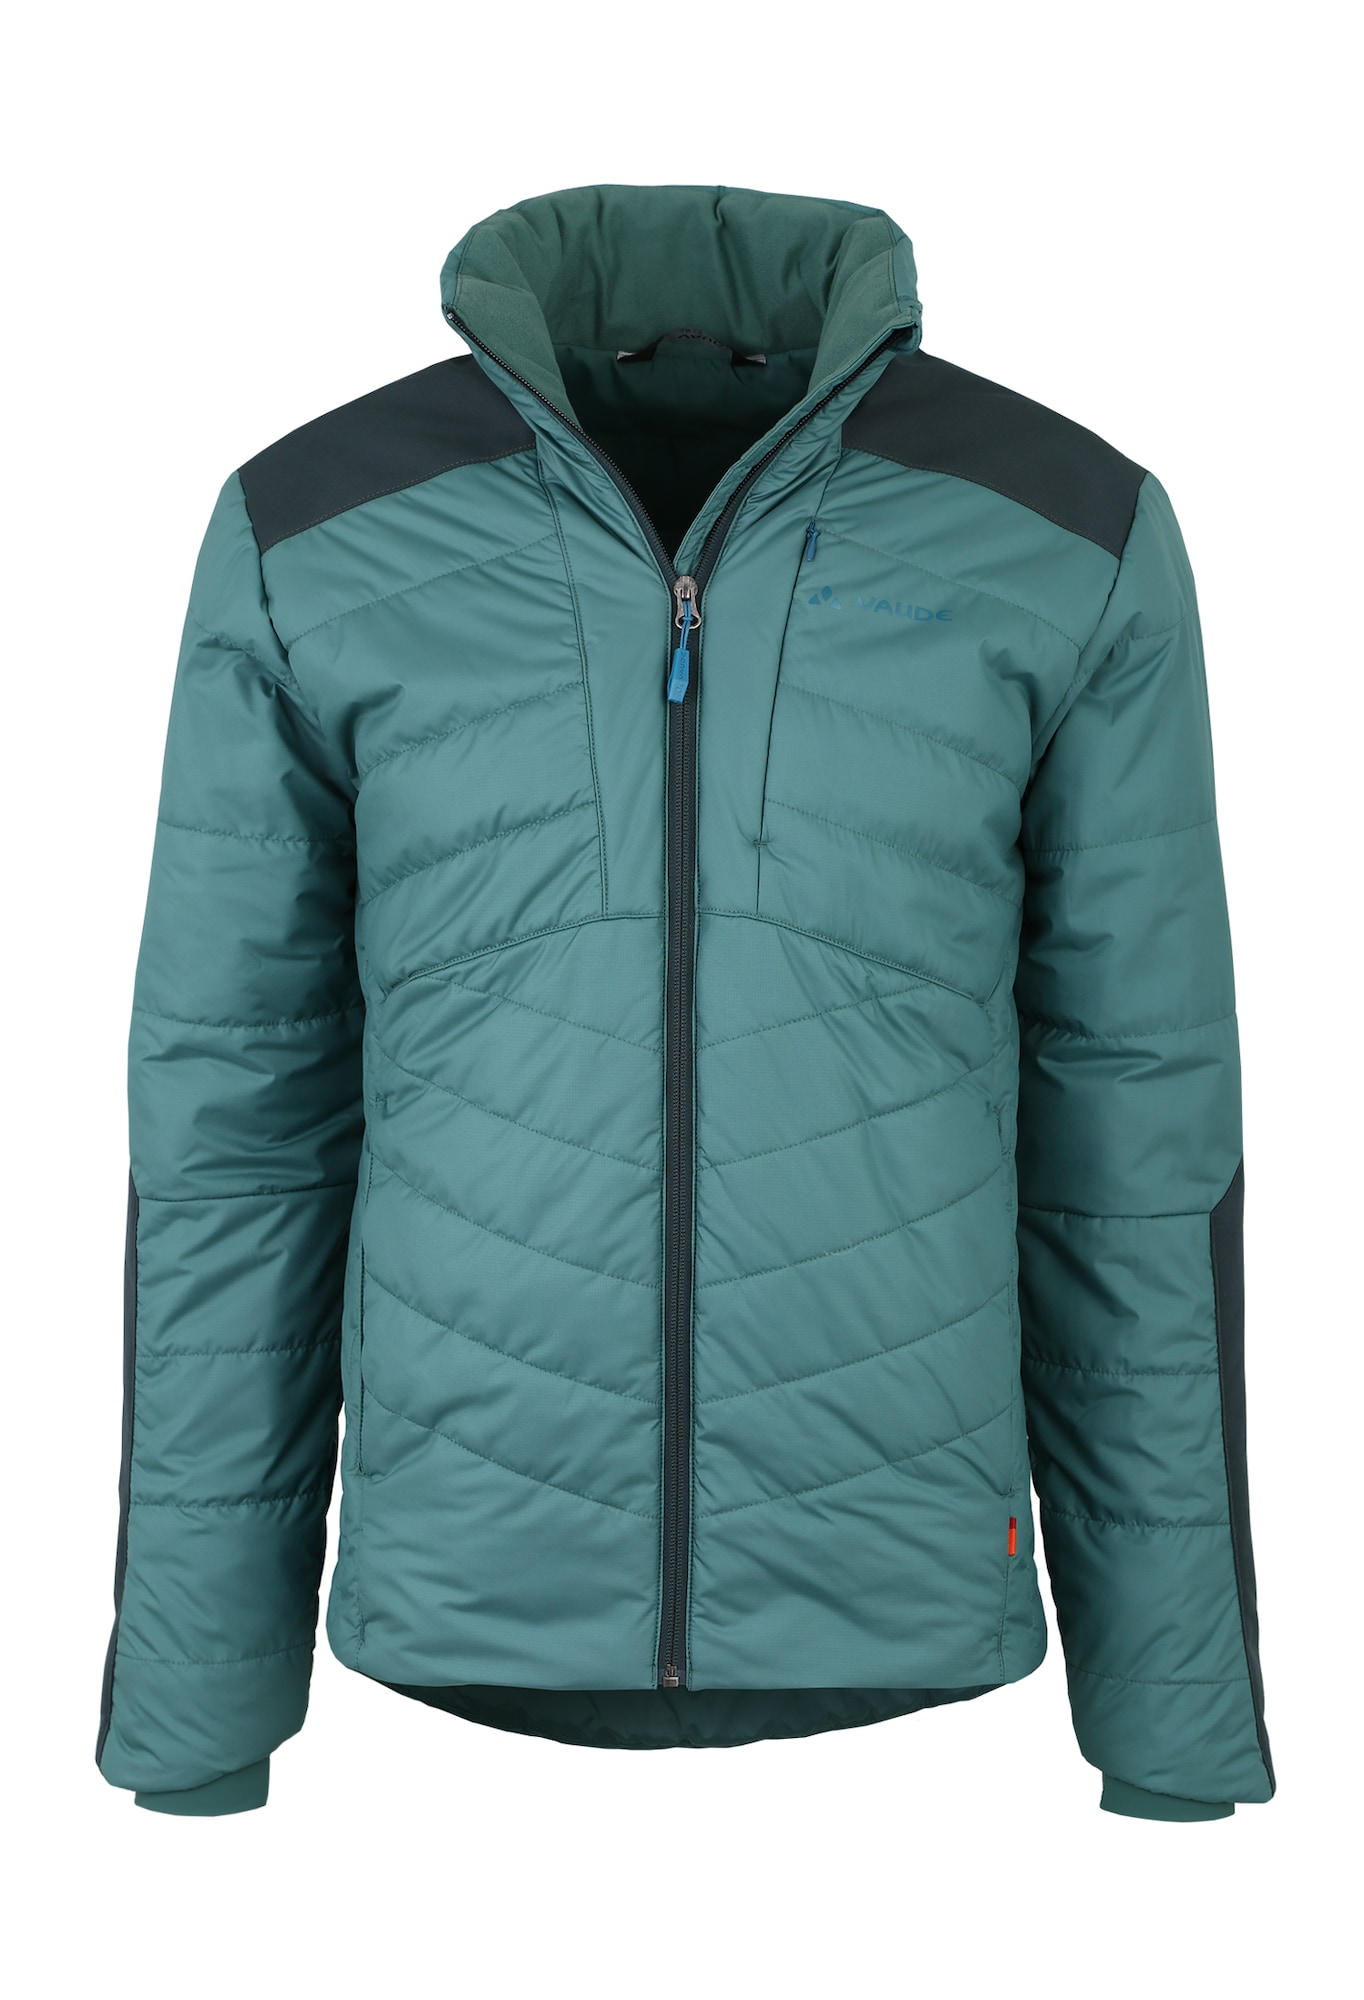 Outdoorová bunda Miskanti zelená VAUDE